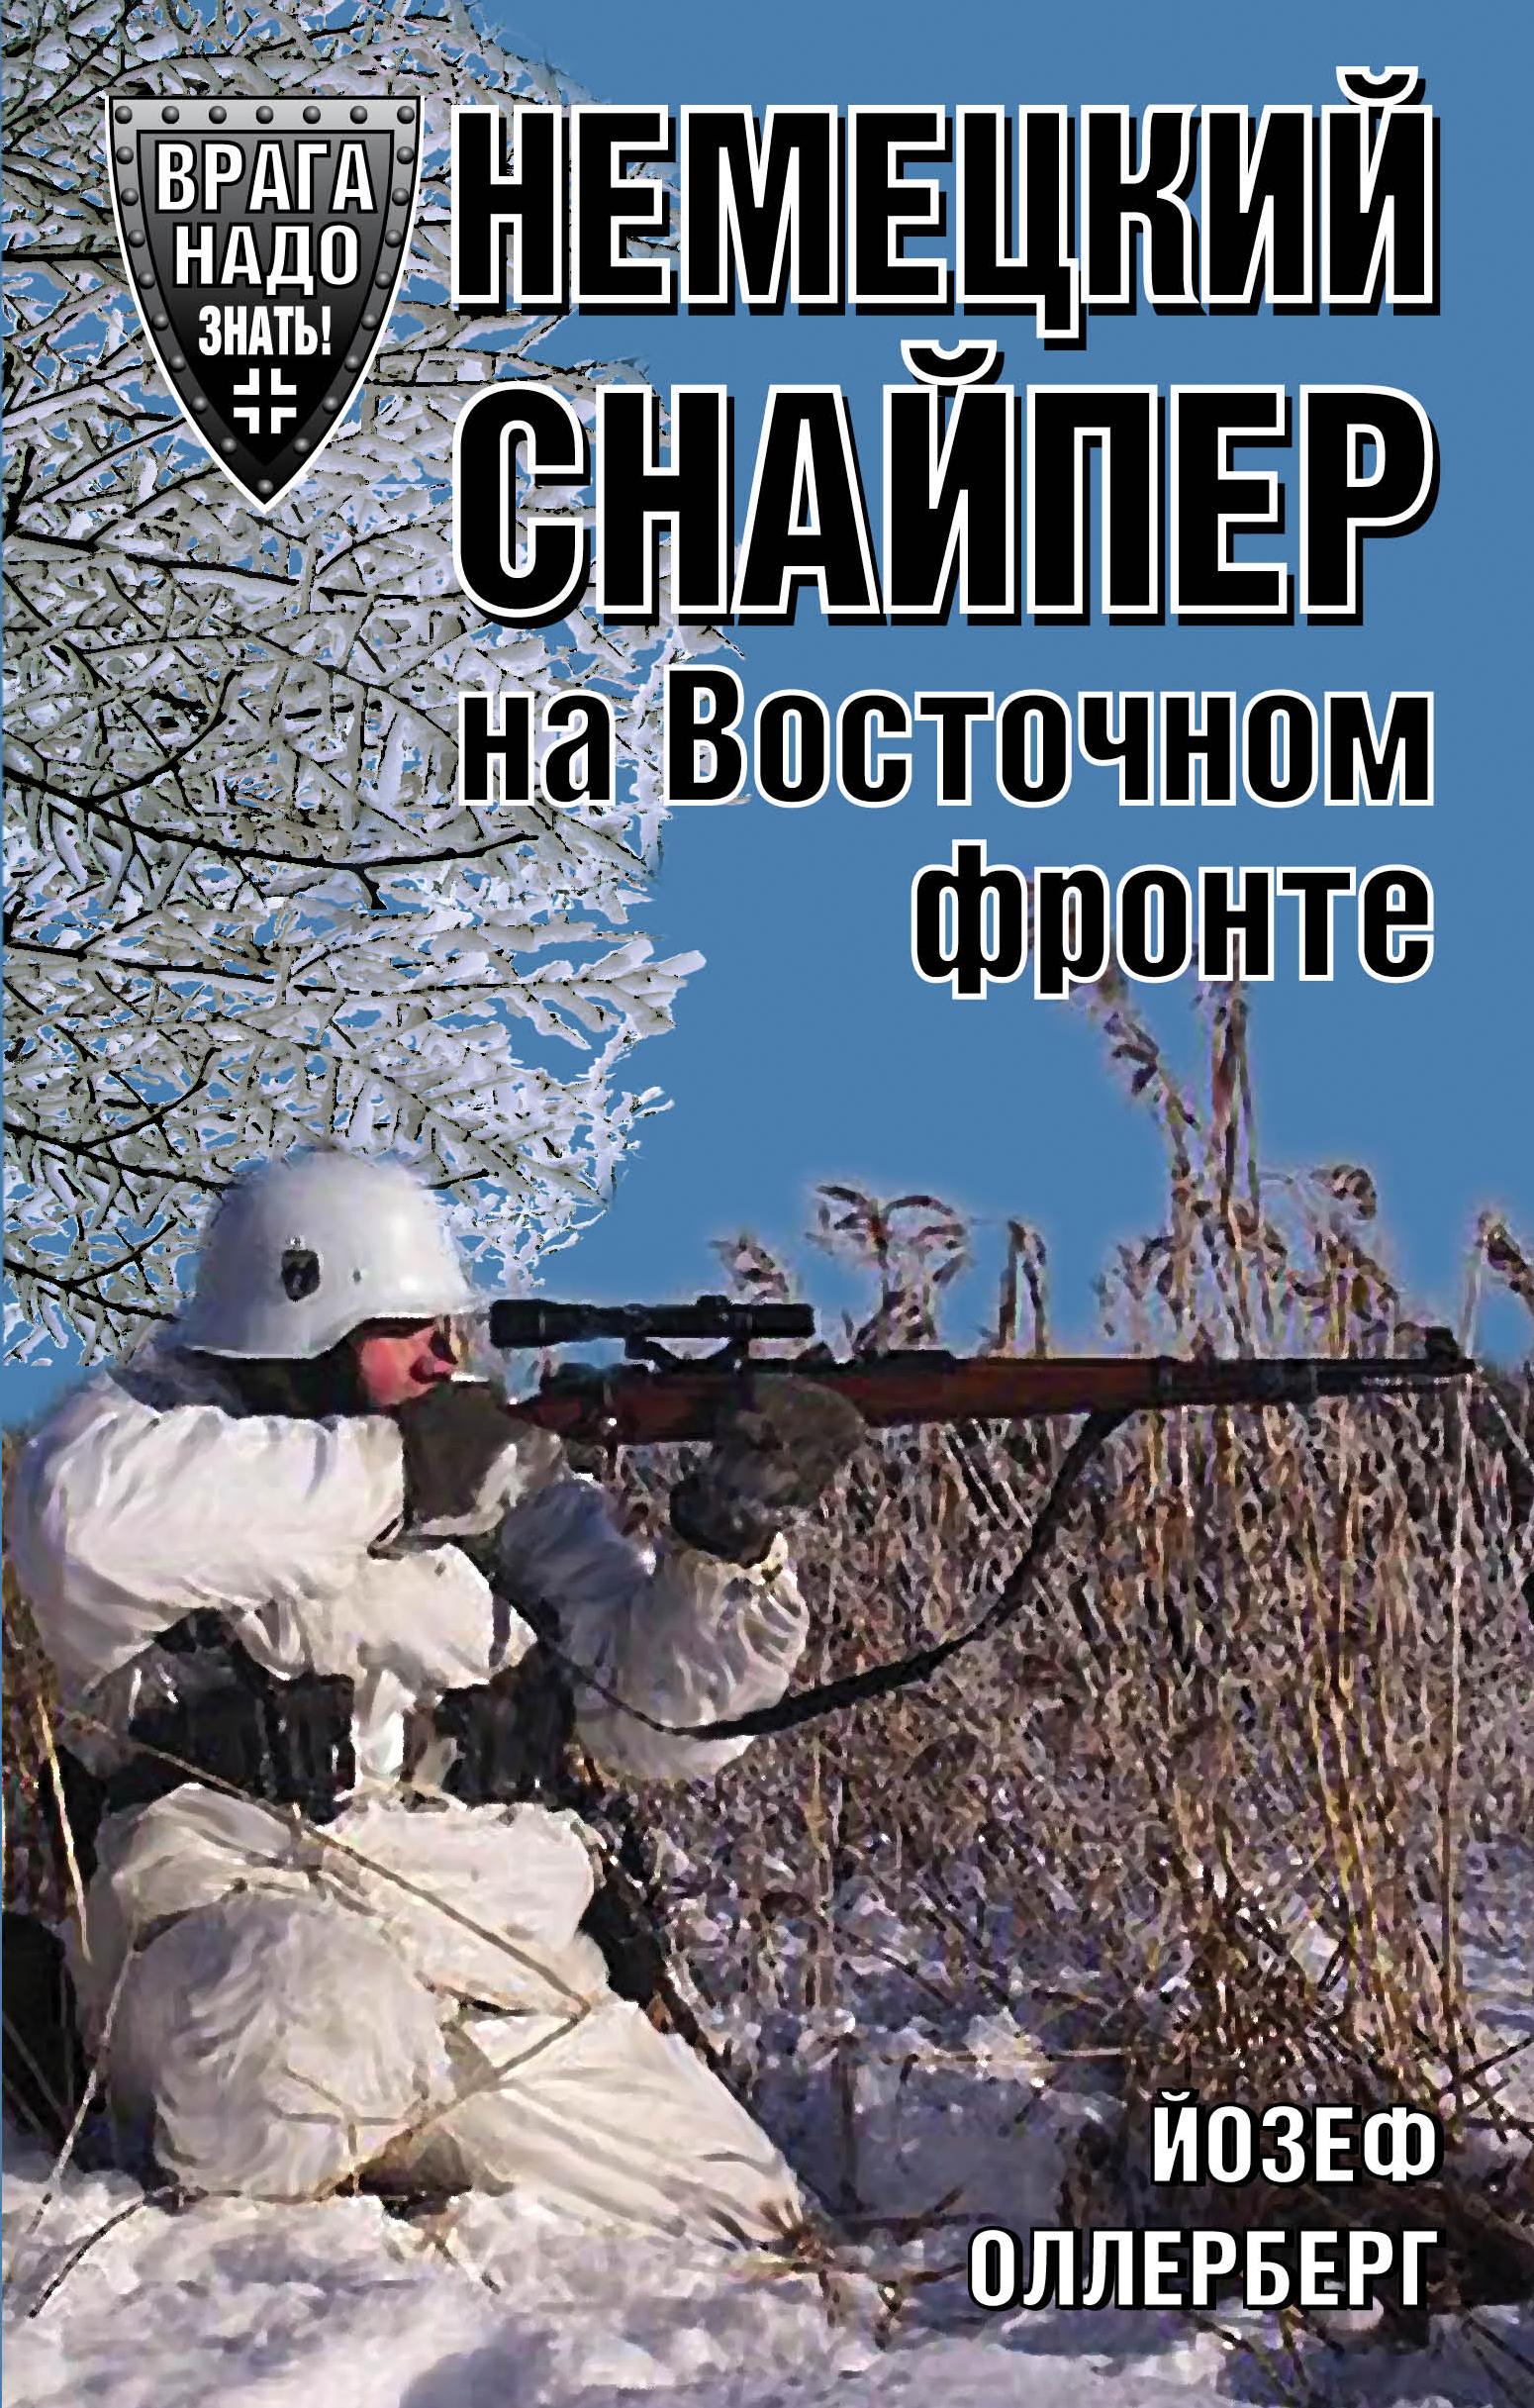 Скачать книгу немецкий снайпер восточном фронте